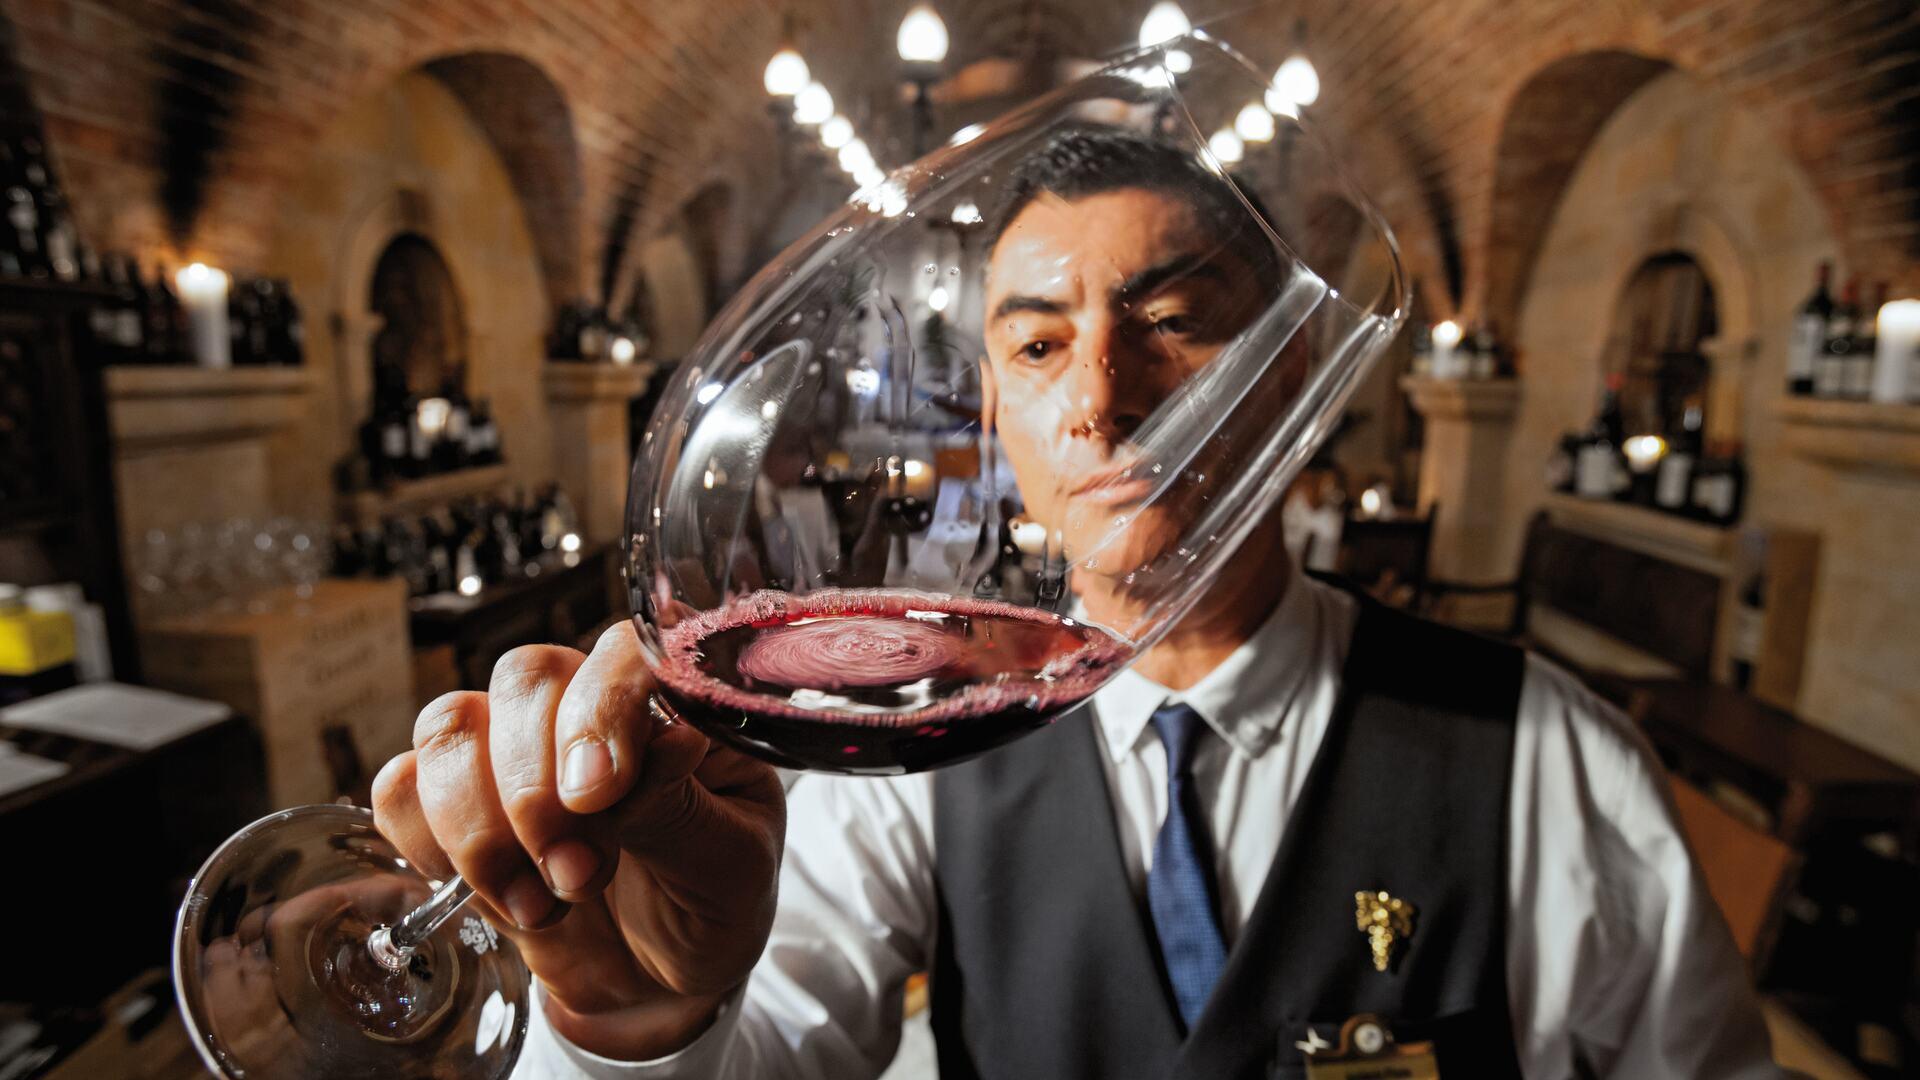 Sommelier sampling wine at Cave de Vinhos